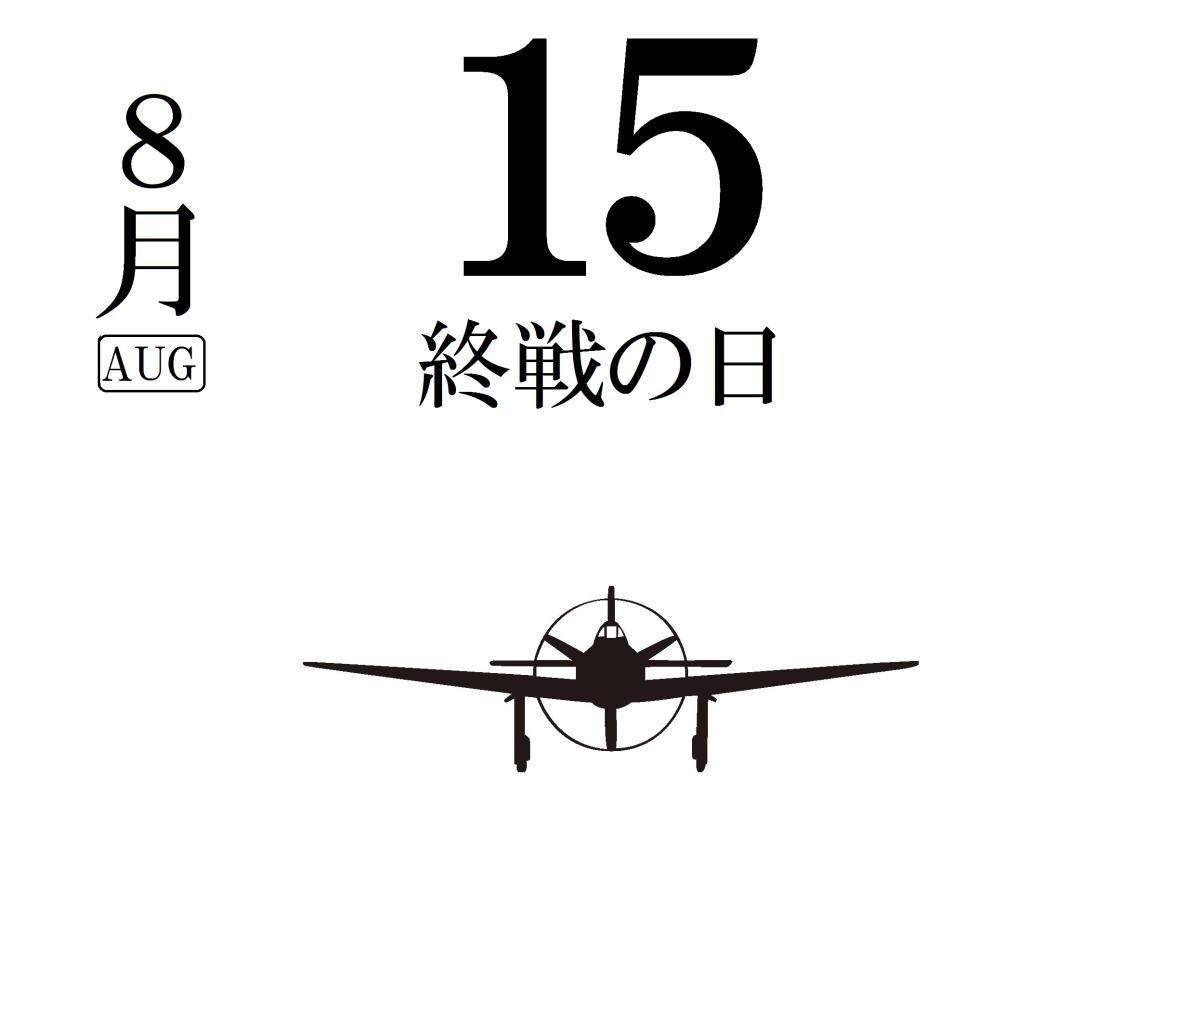 2017/08/15(火)プチニュース「8月15日は終戦の日」「NHKスペシャルがすごい」など